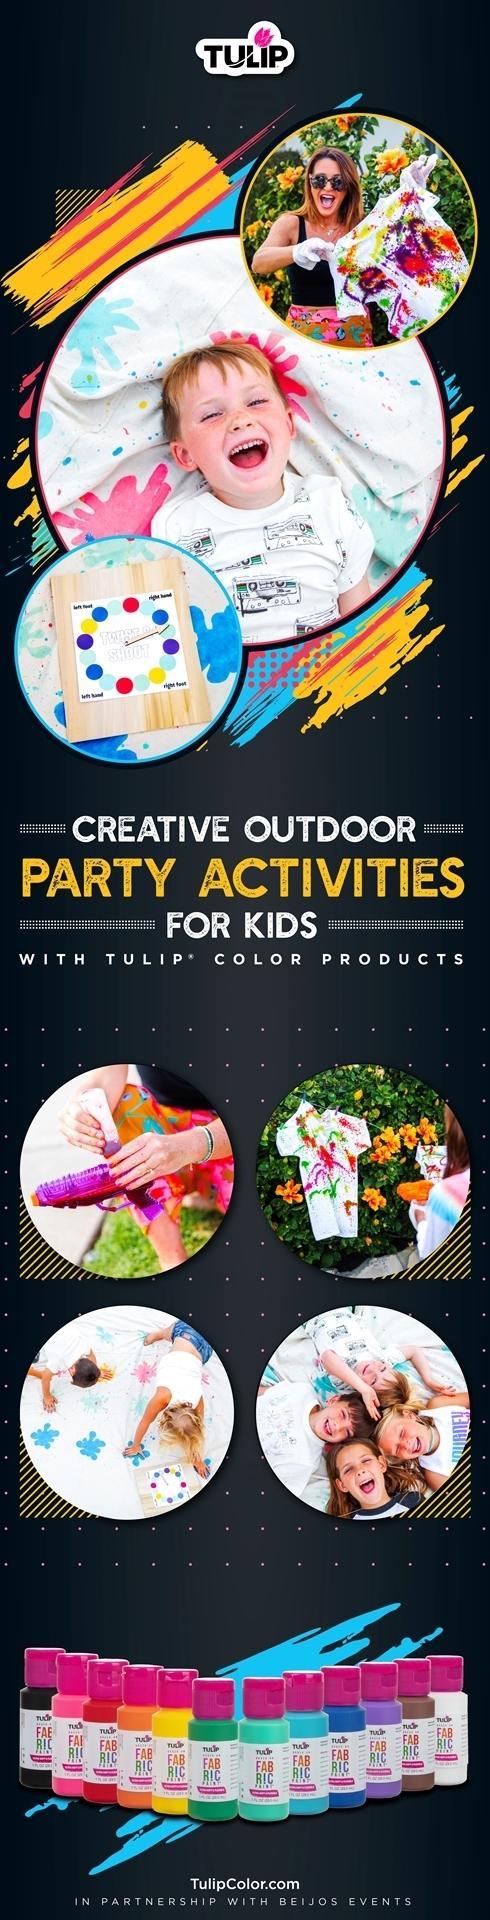 Creative Outdoor Activities for Kids